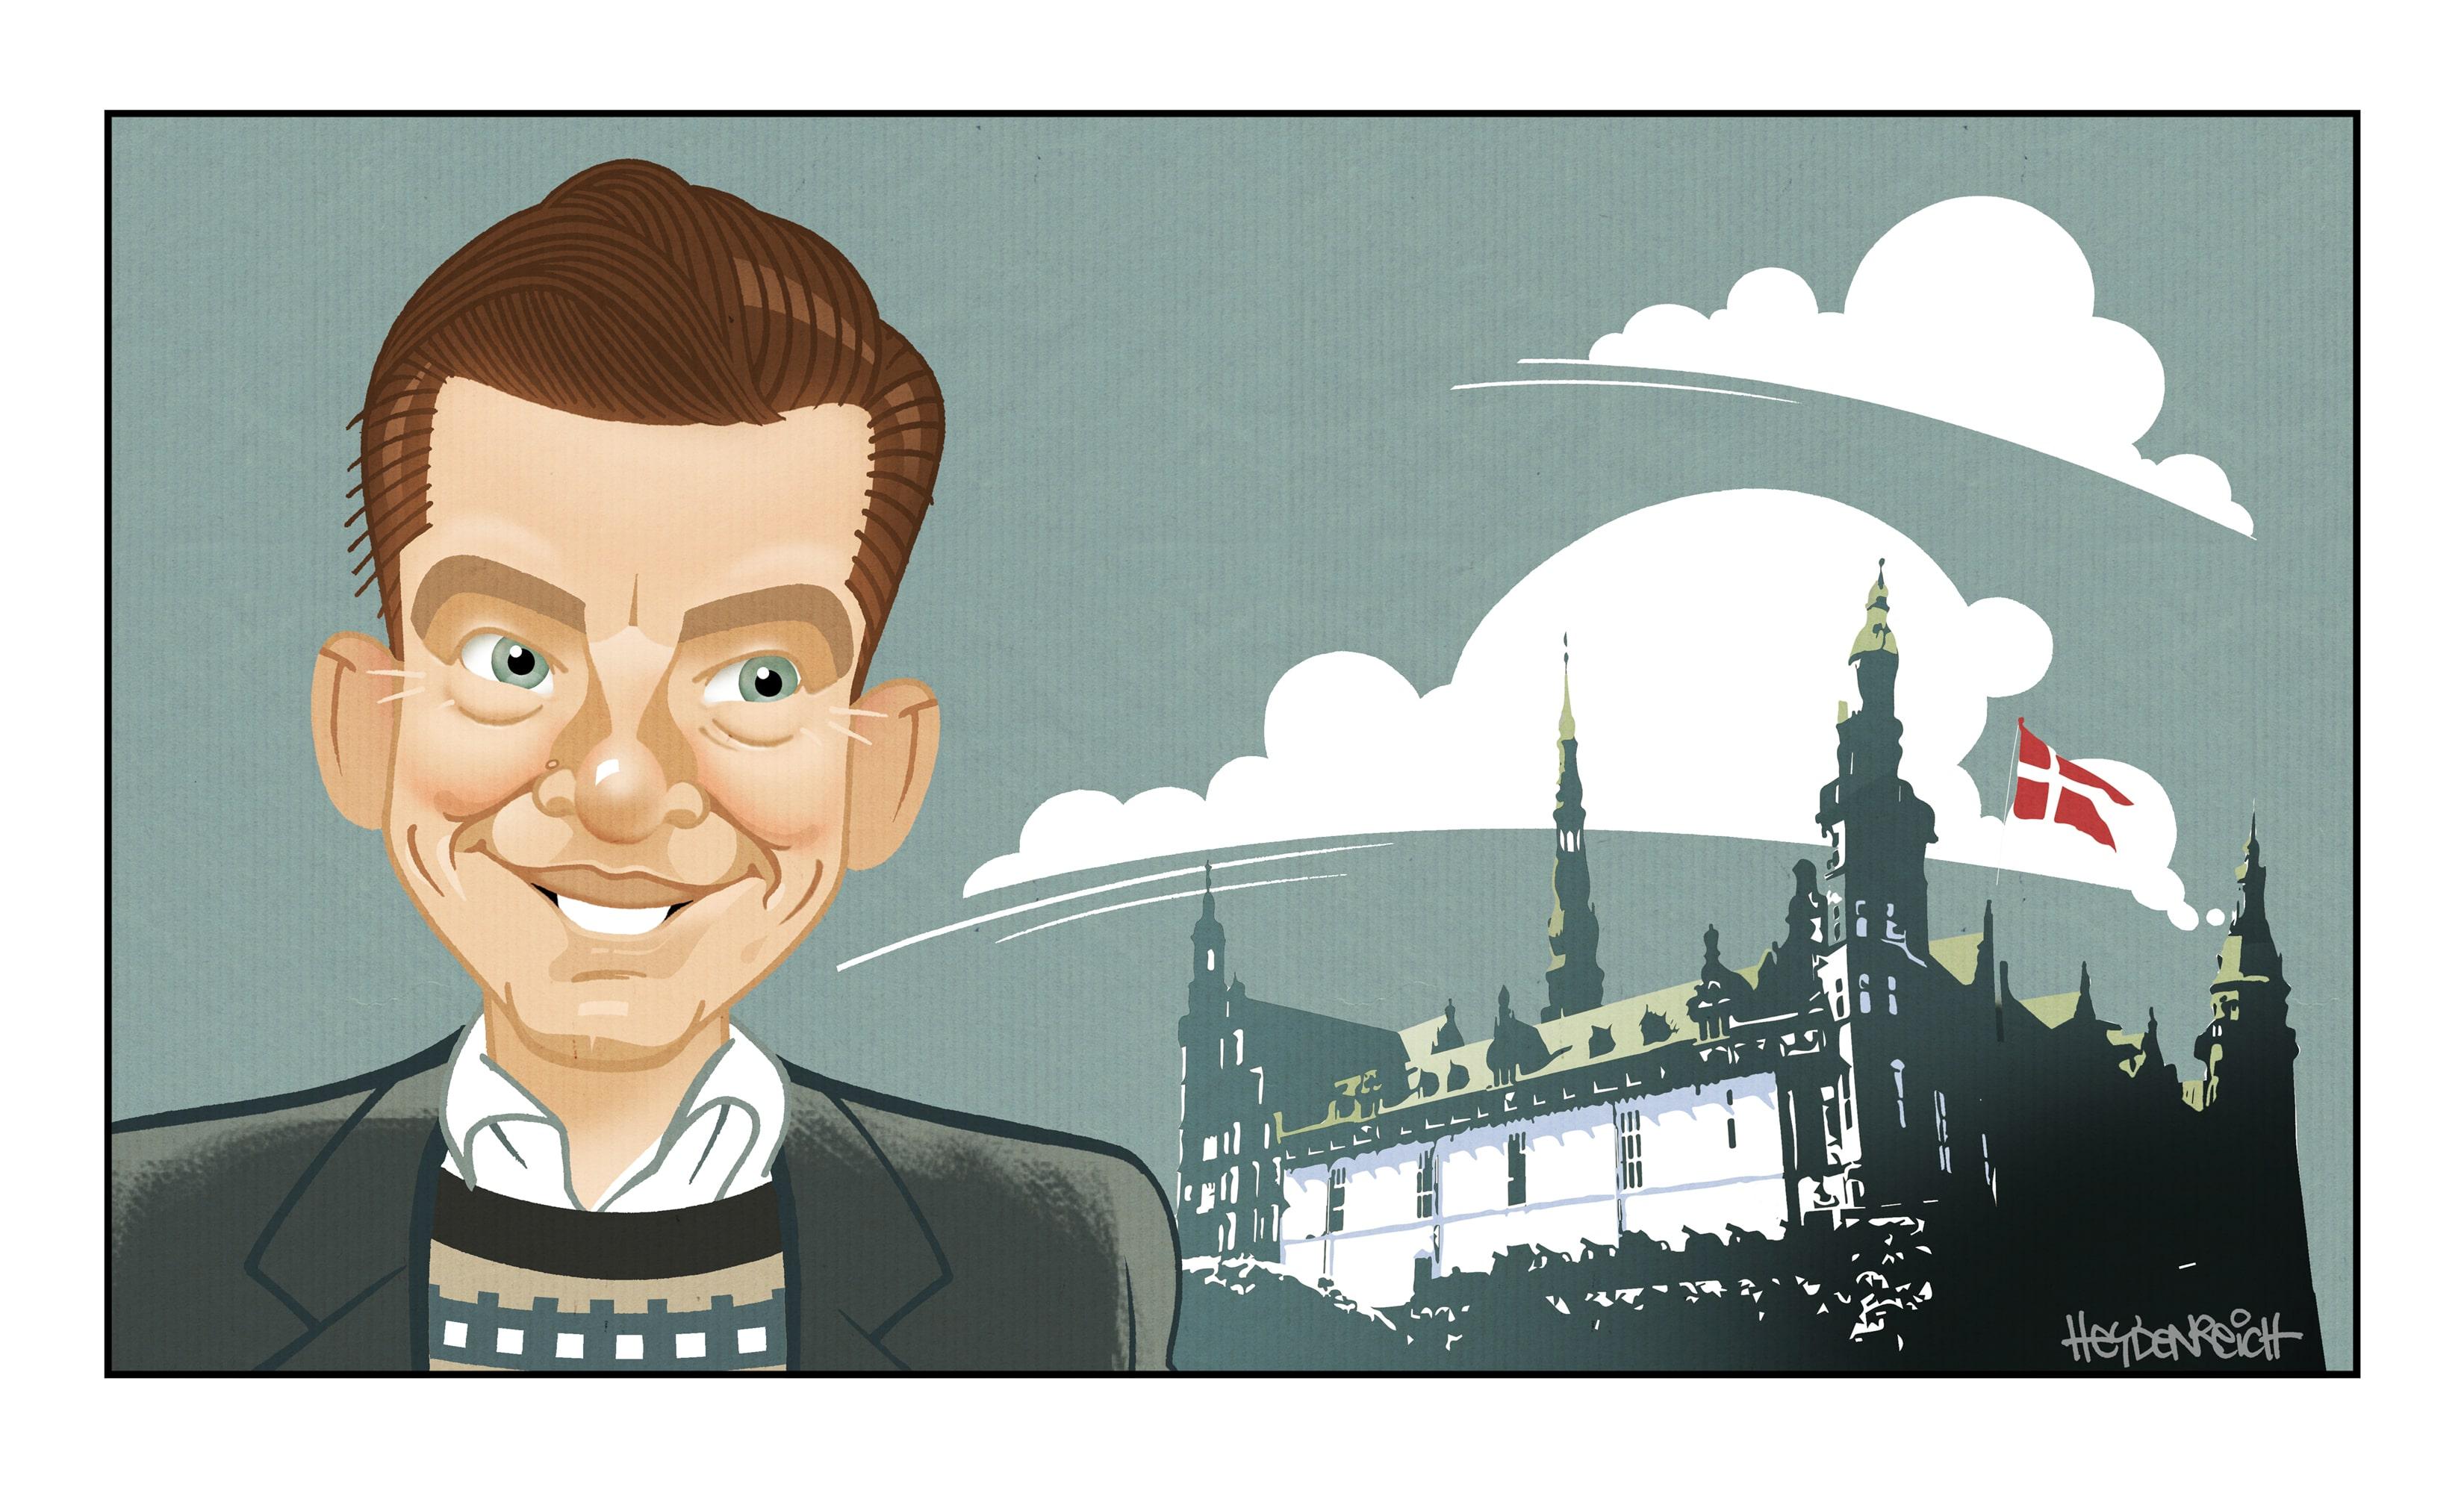 Christian Struckmann Irgens, Illustration: Peter Heydenreich